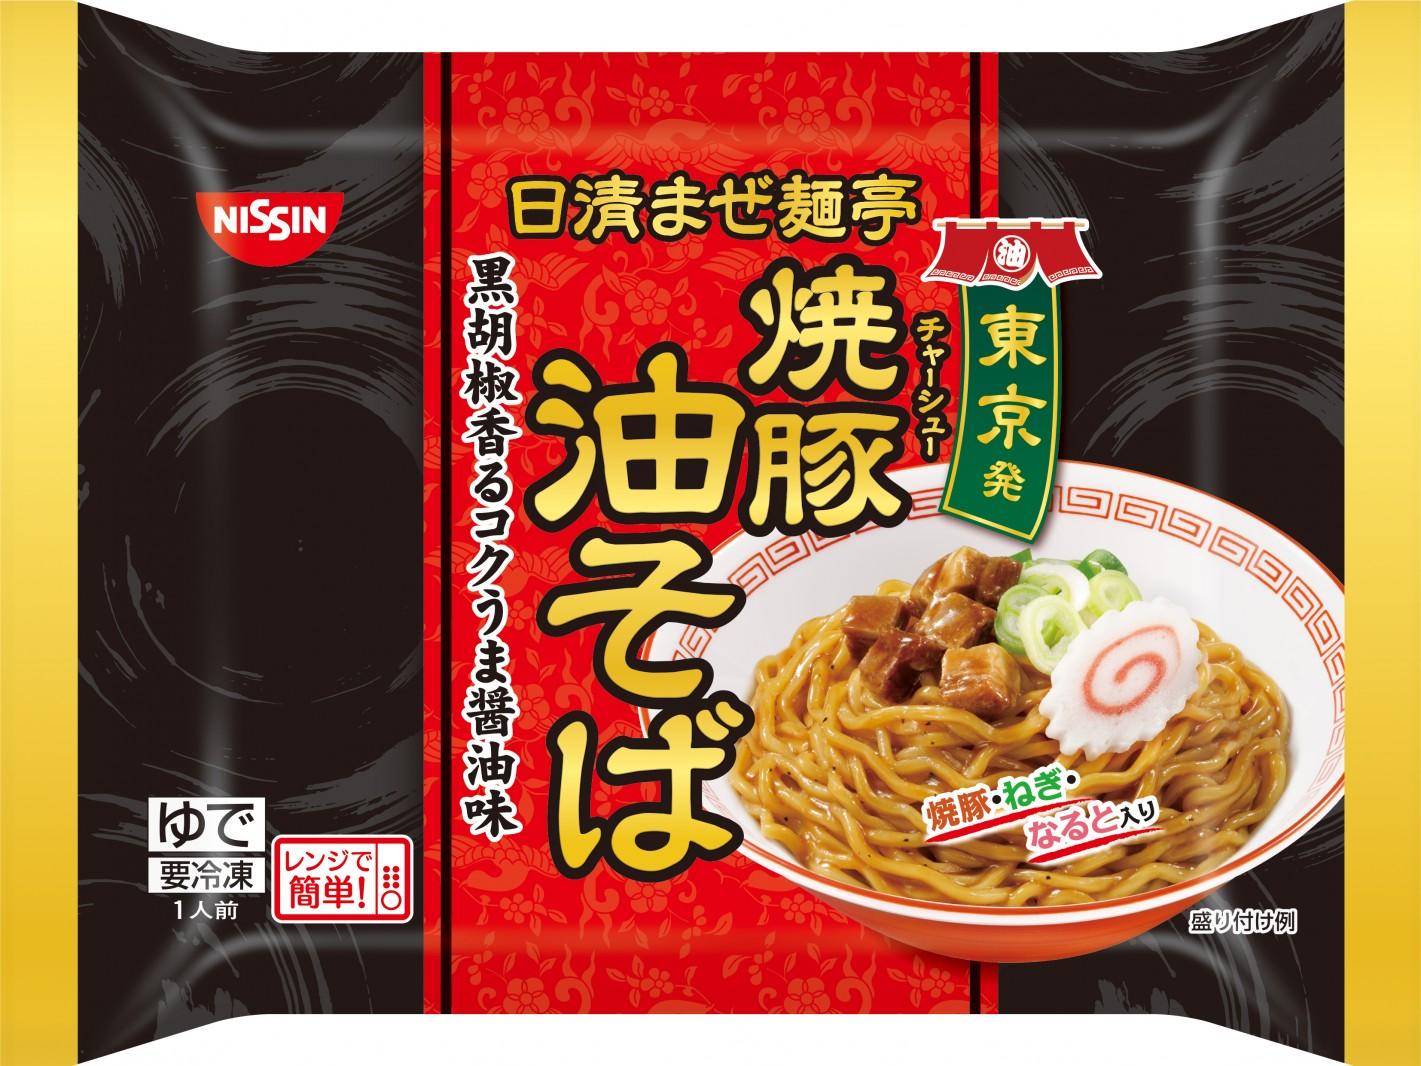 【特集】来た!! まぜ麺トレンド! 日清食品冷凍「日清まぜ麺亭 焼豚(チャーシュー)油そば」